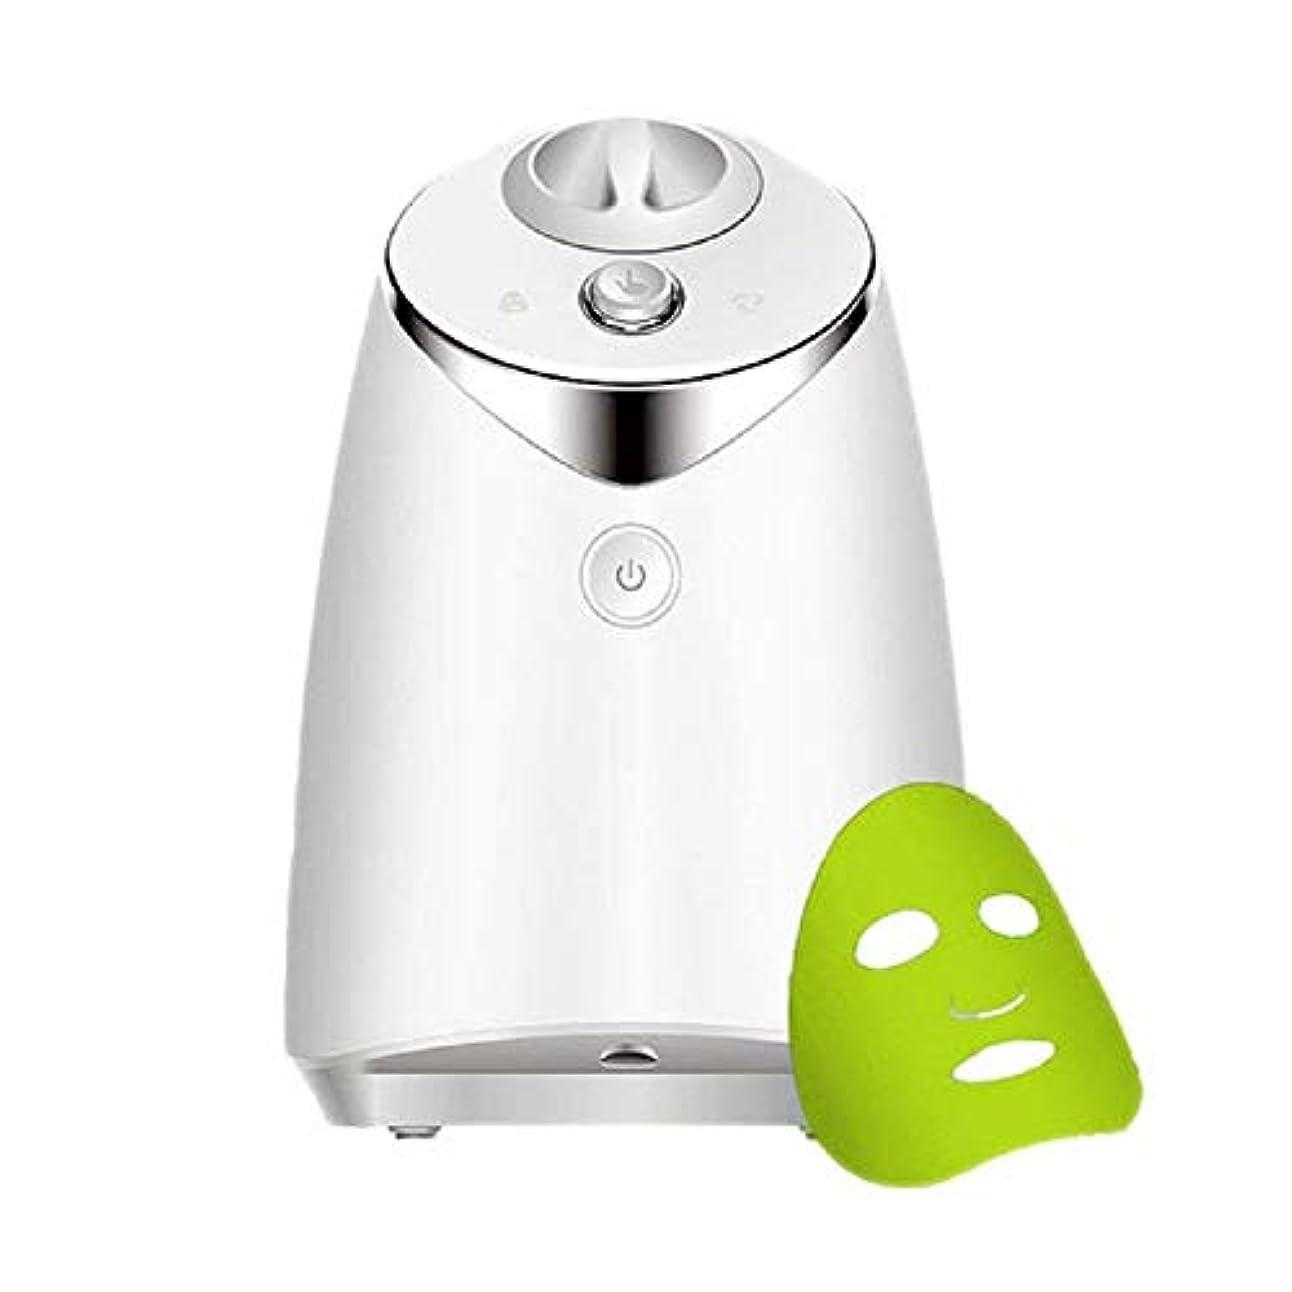 フルーツと野菜マスク製造機、フェイススチーマー100%ナチュラル自家製自動美容器/インテリジェントな音声プロンプトワンボタンクリーニング